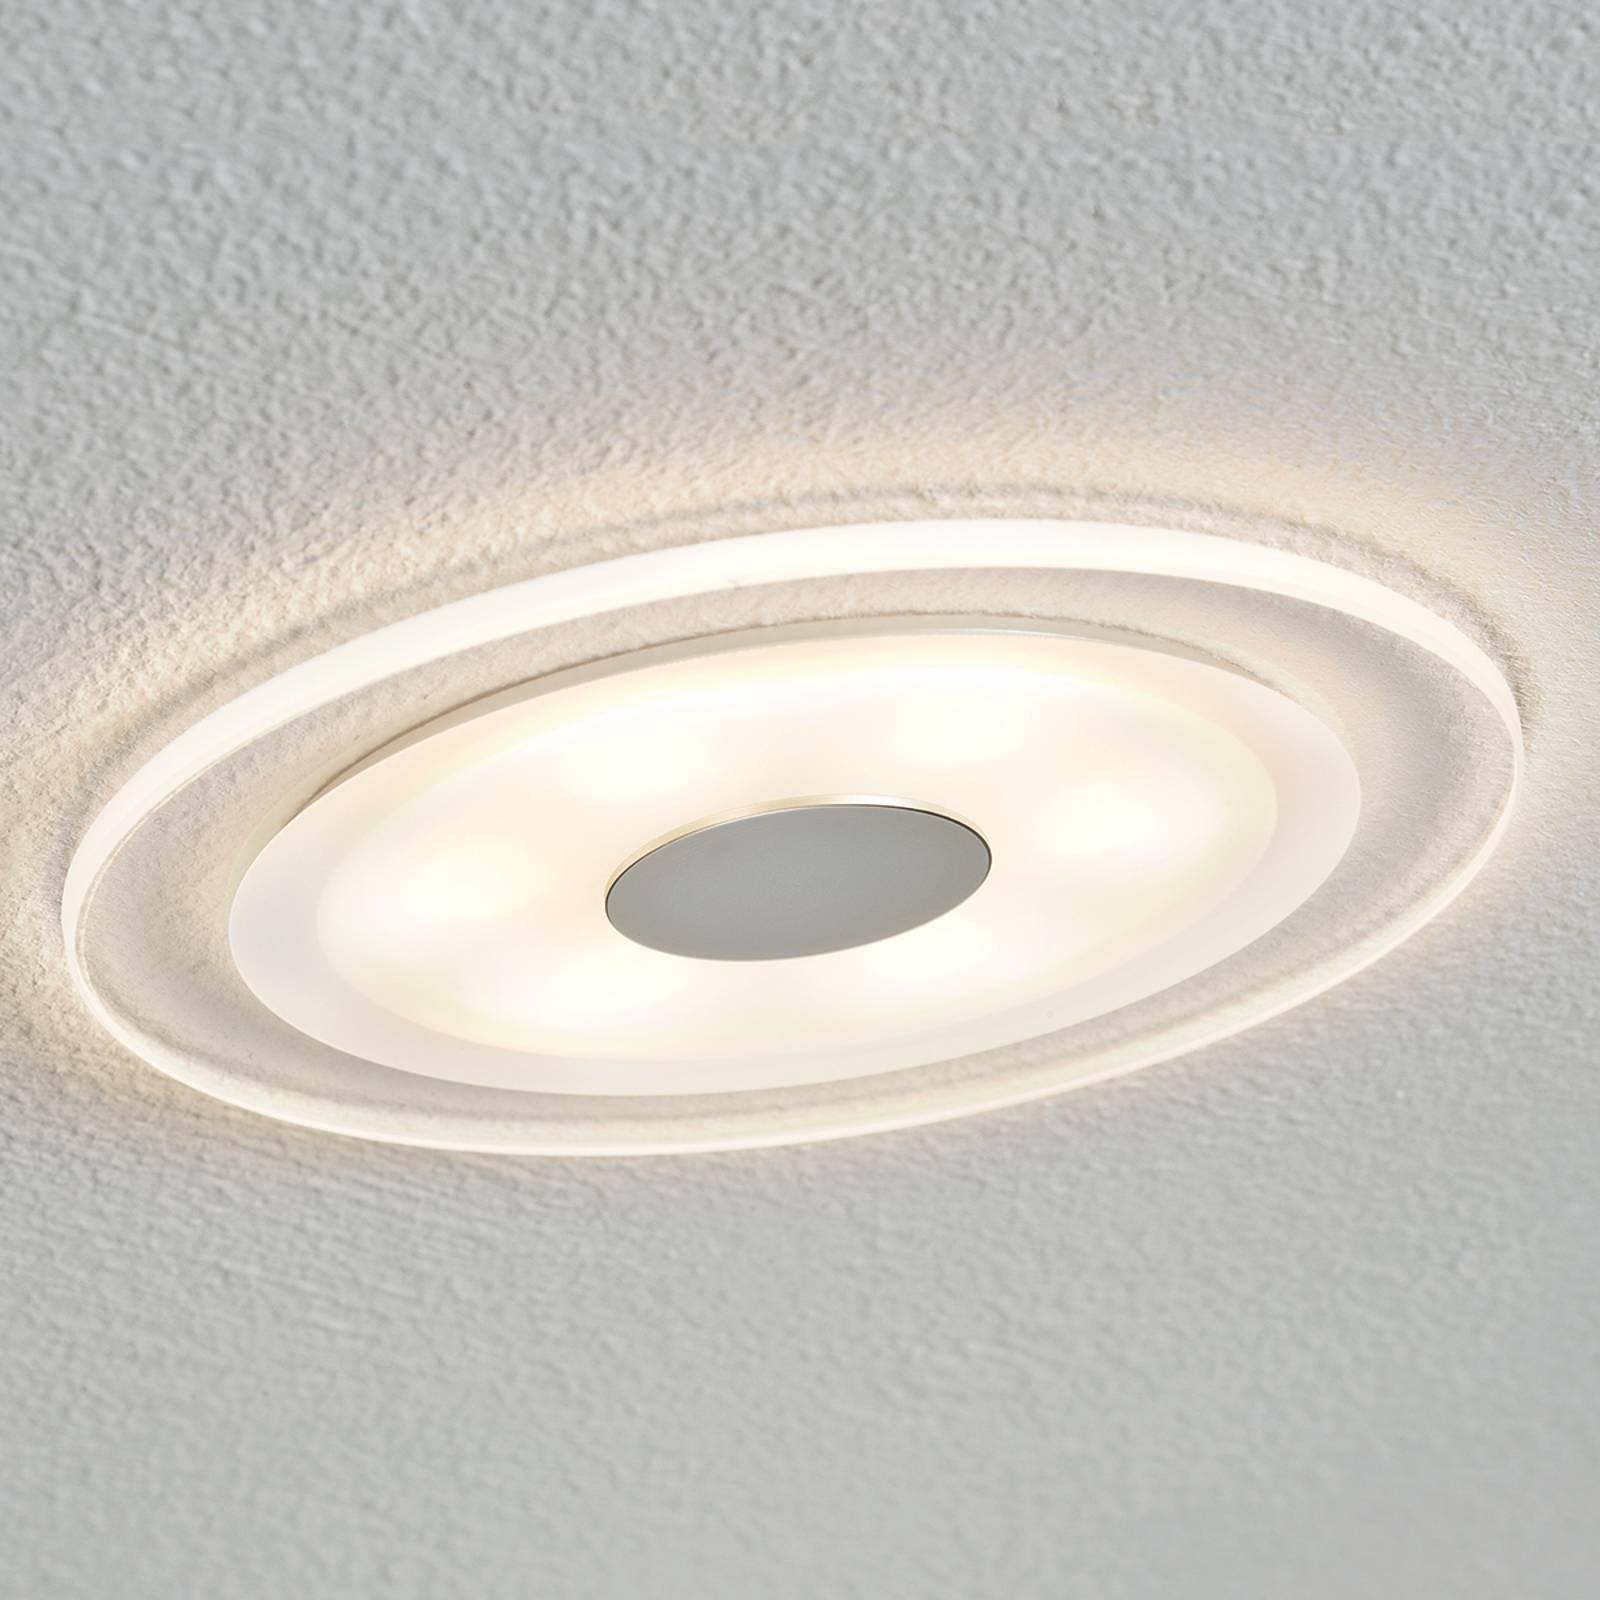 Flott LED-innfellingslampe Whirl, IP23